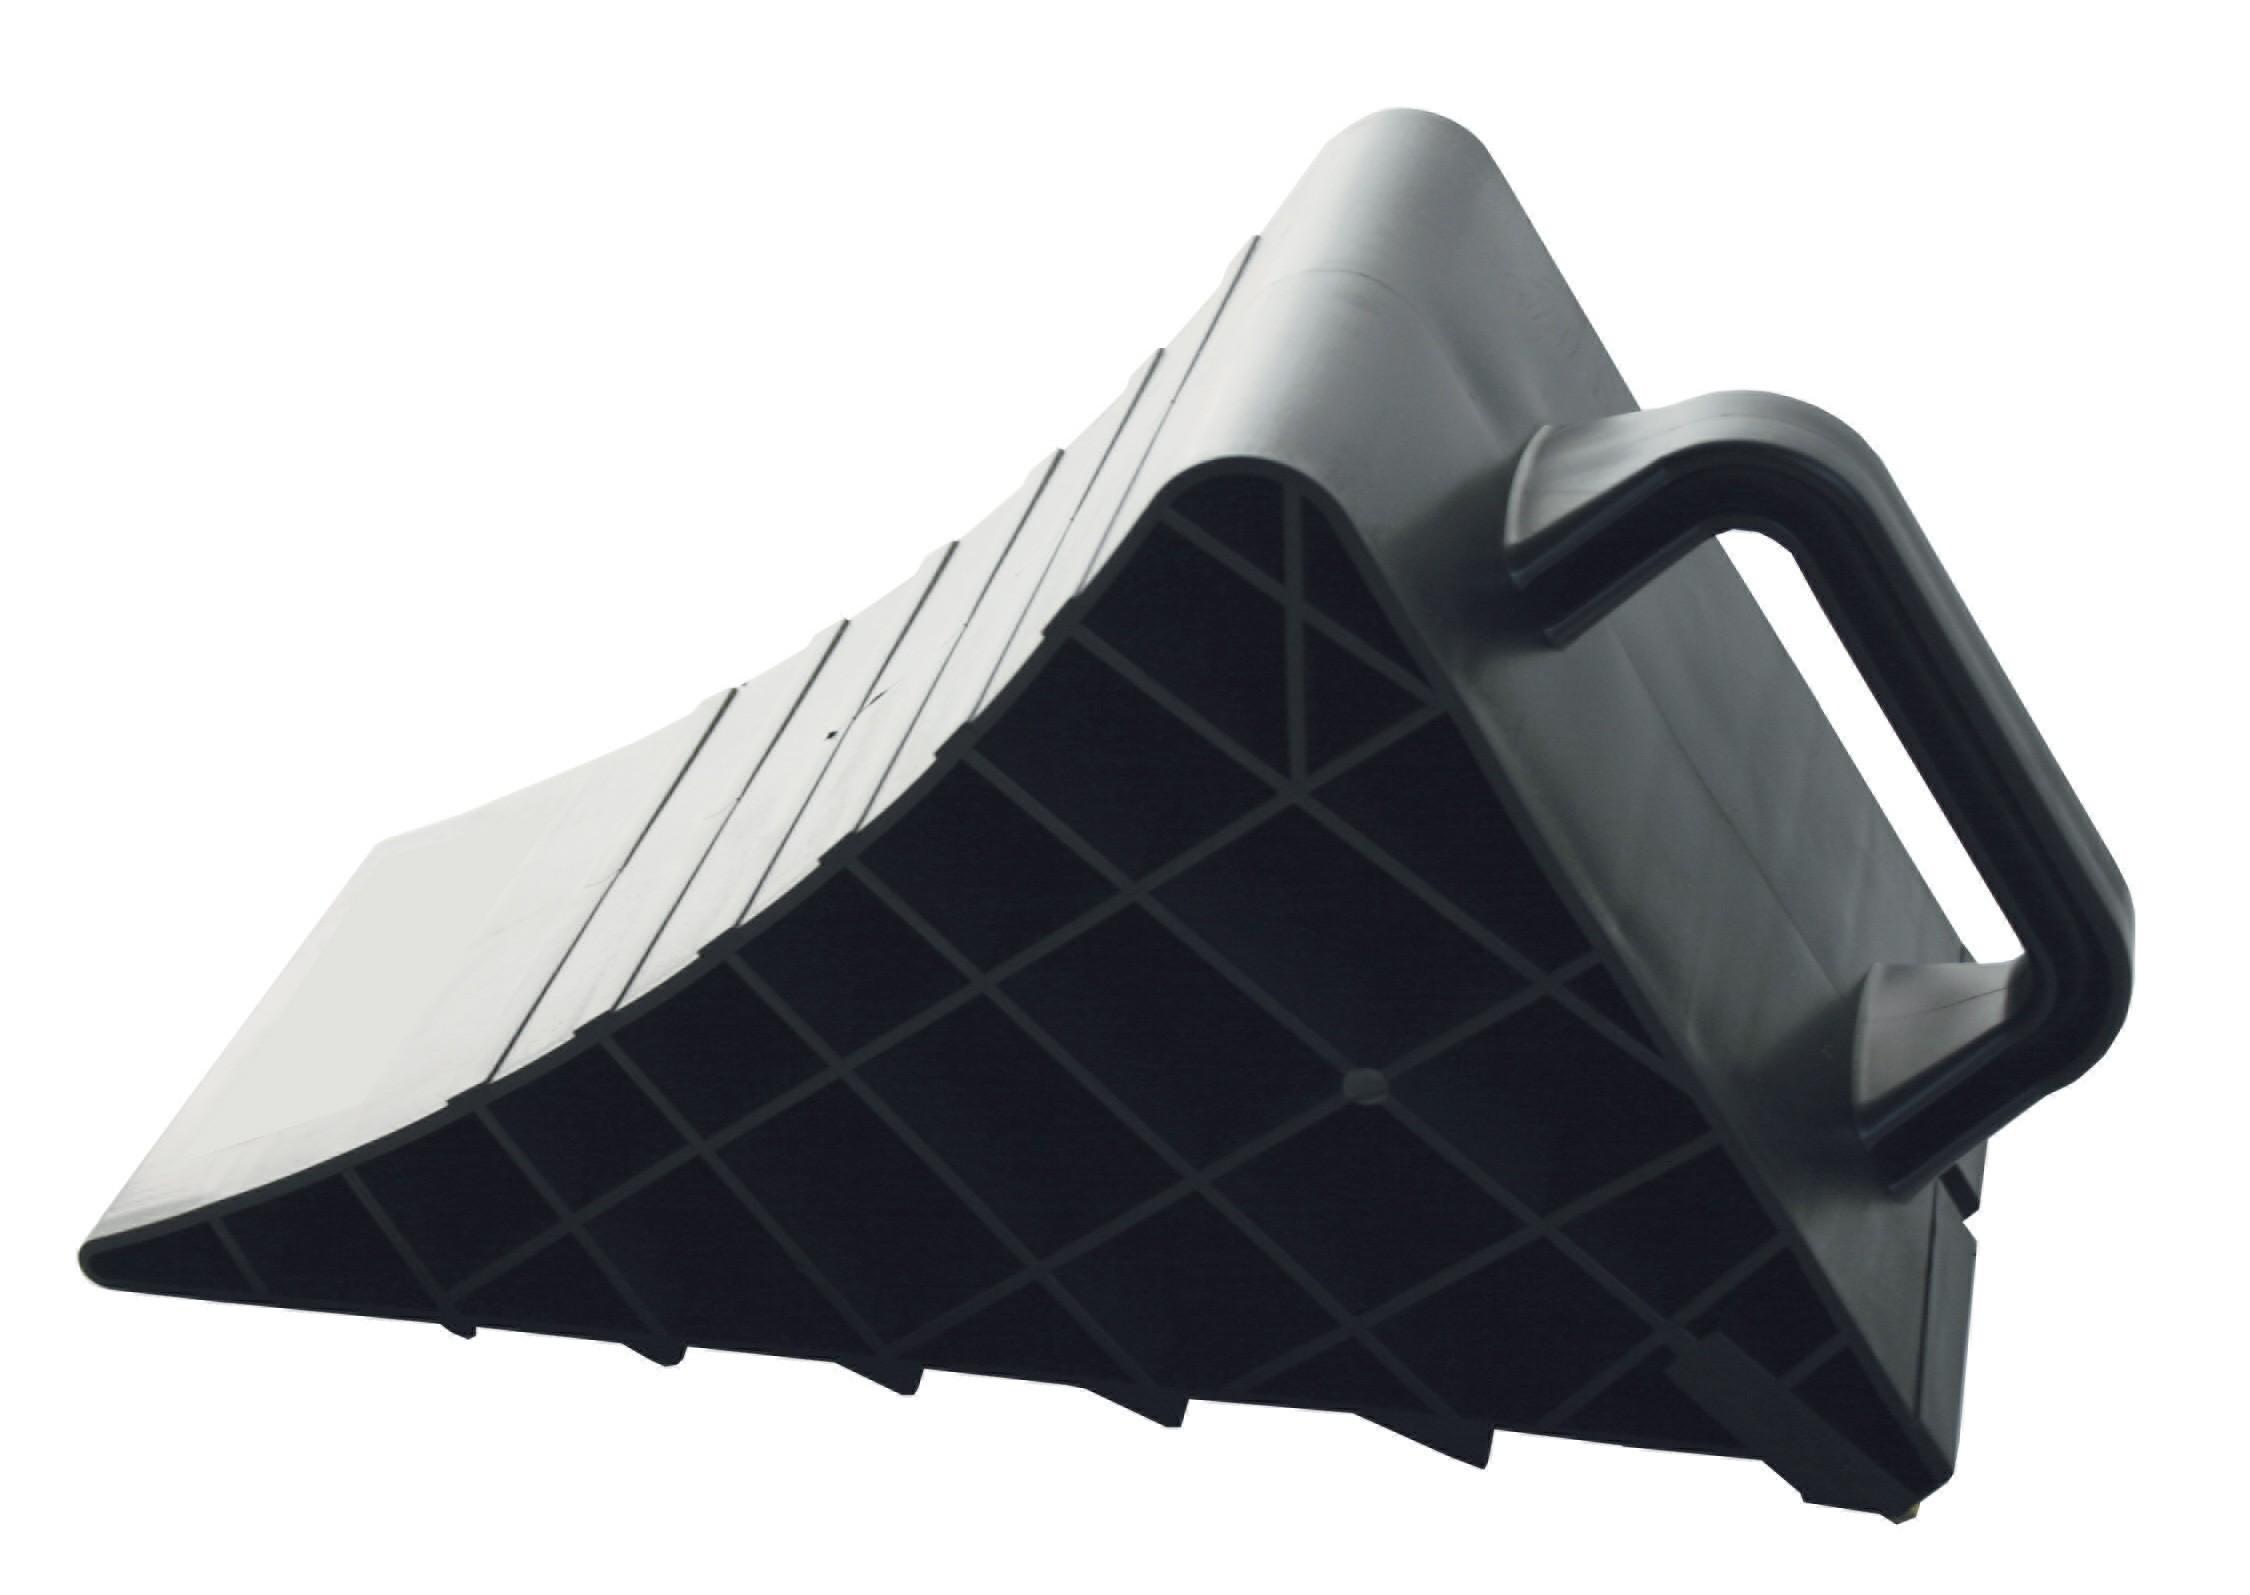 Τάκος ακινητοποίησης οχημάτων (σφήνα τροχών) από πλαστικό μεγάλου μεγέθους PWC-160